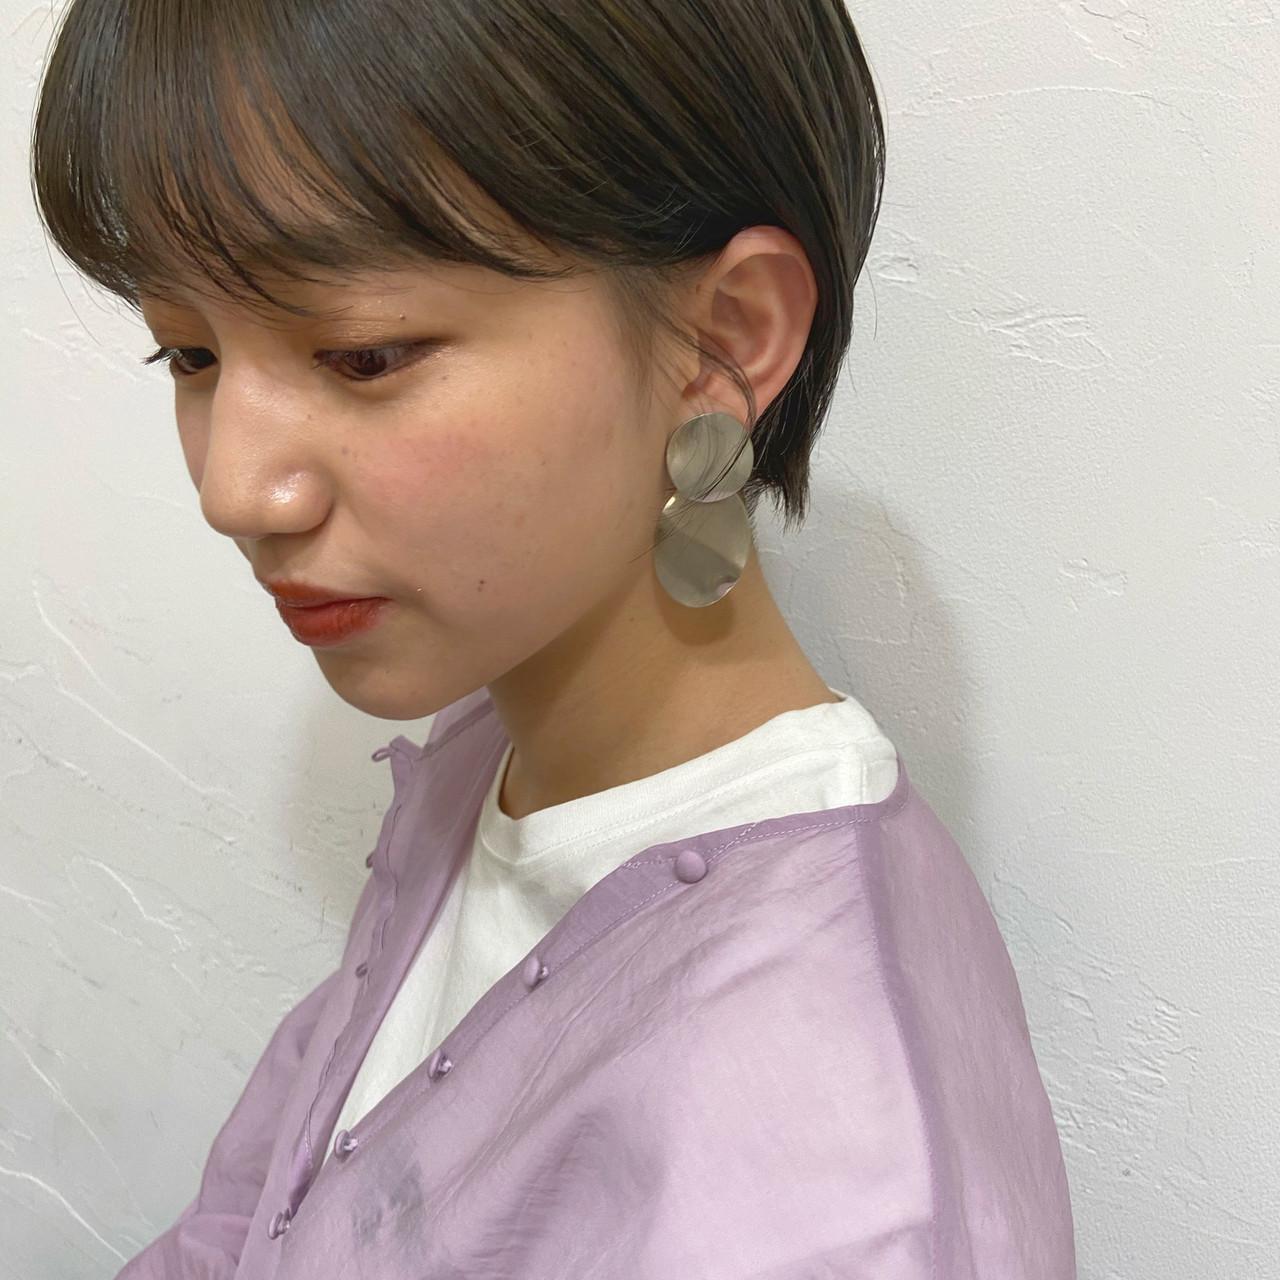 ナチュラル ショートヘア グレージュ アッシュベージュ ヘアスタイルや髪型の写真・画像   haruhi / CHIC feux